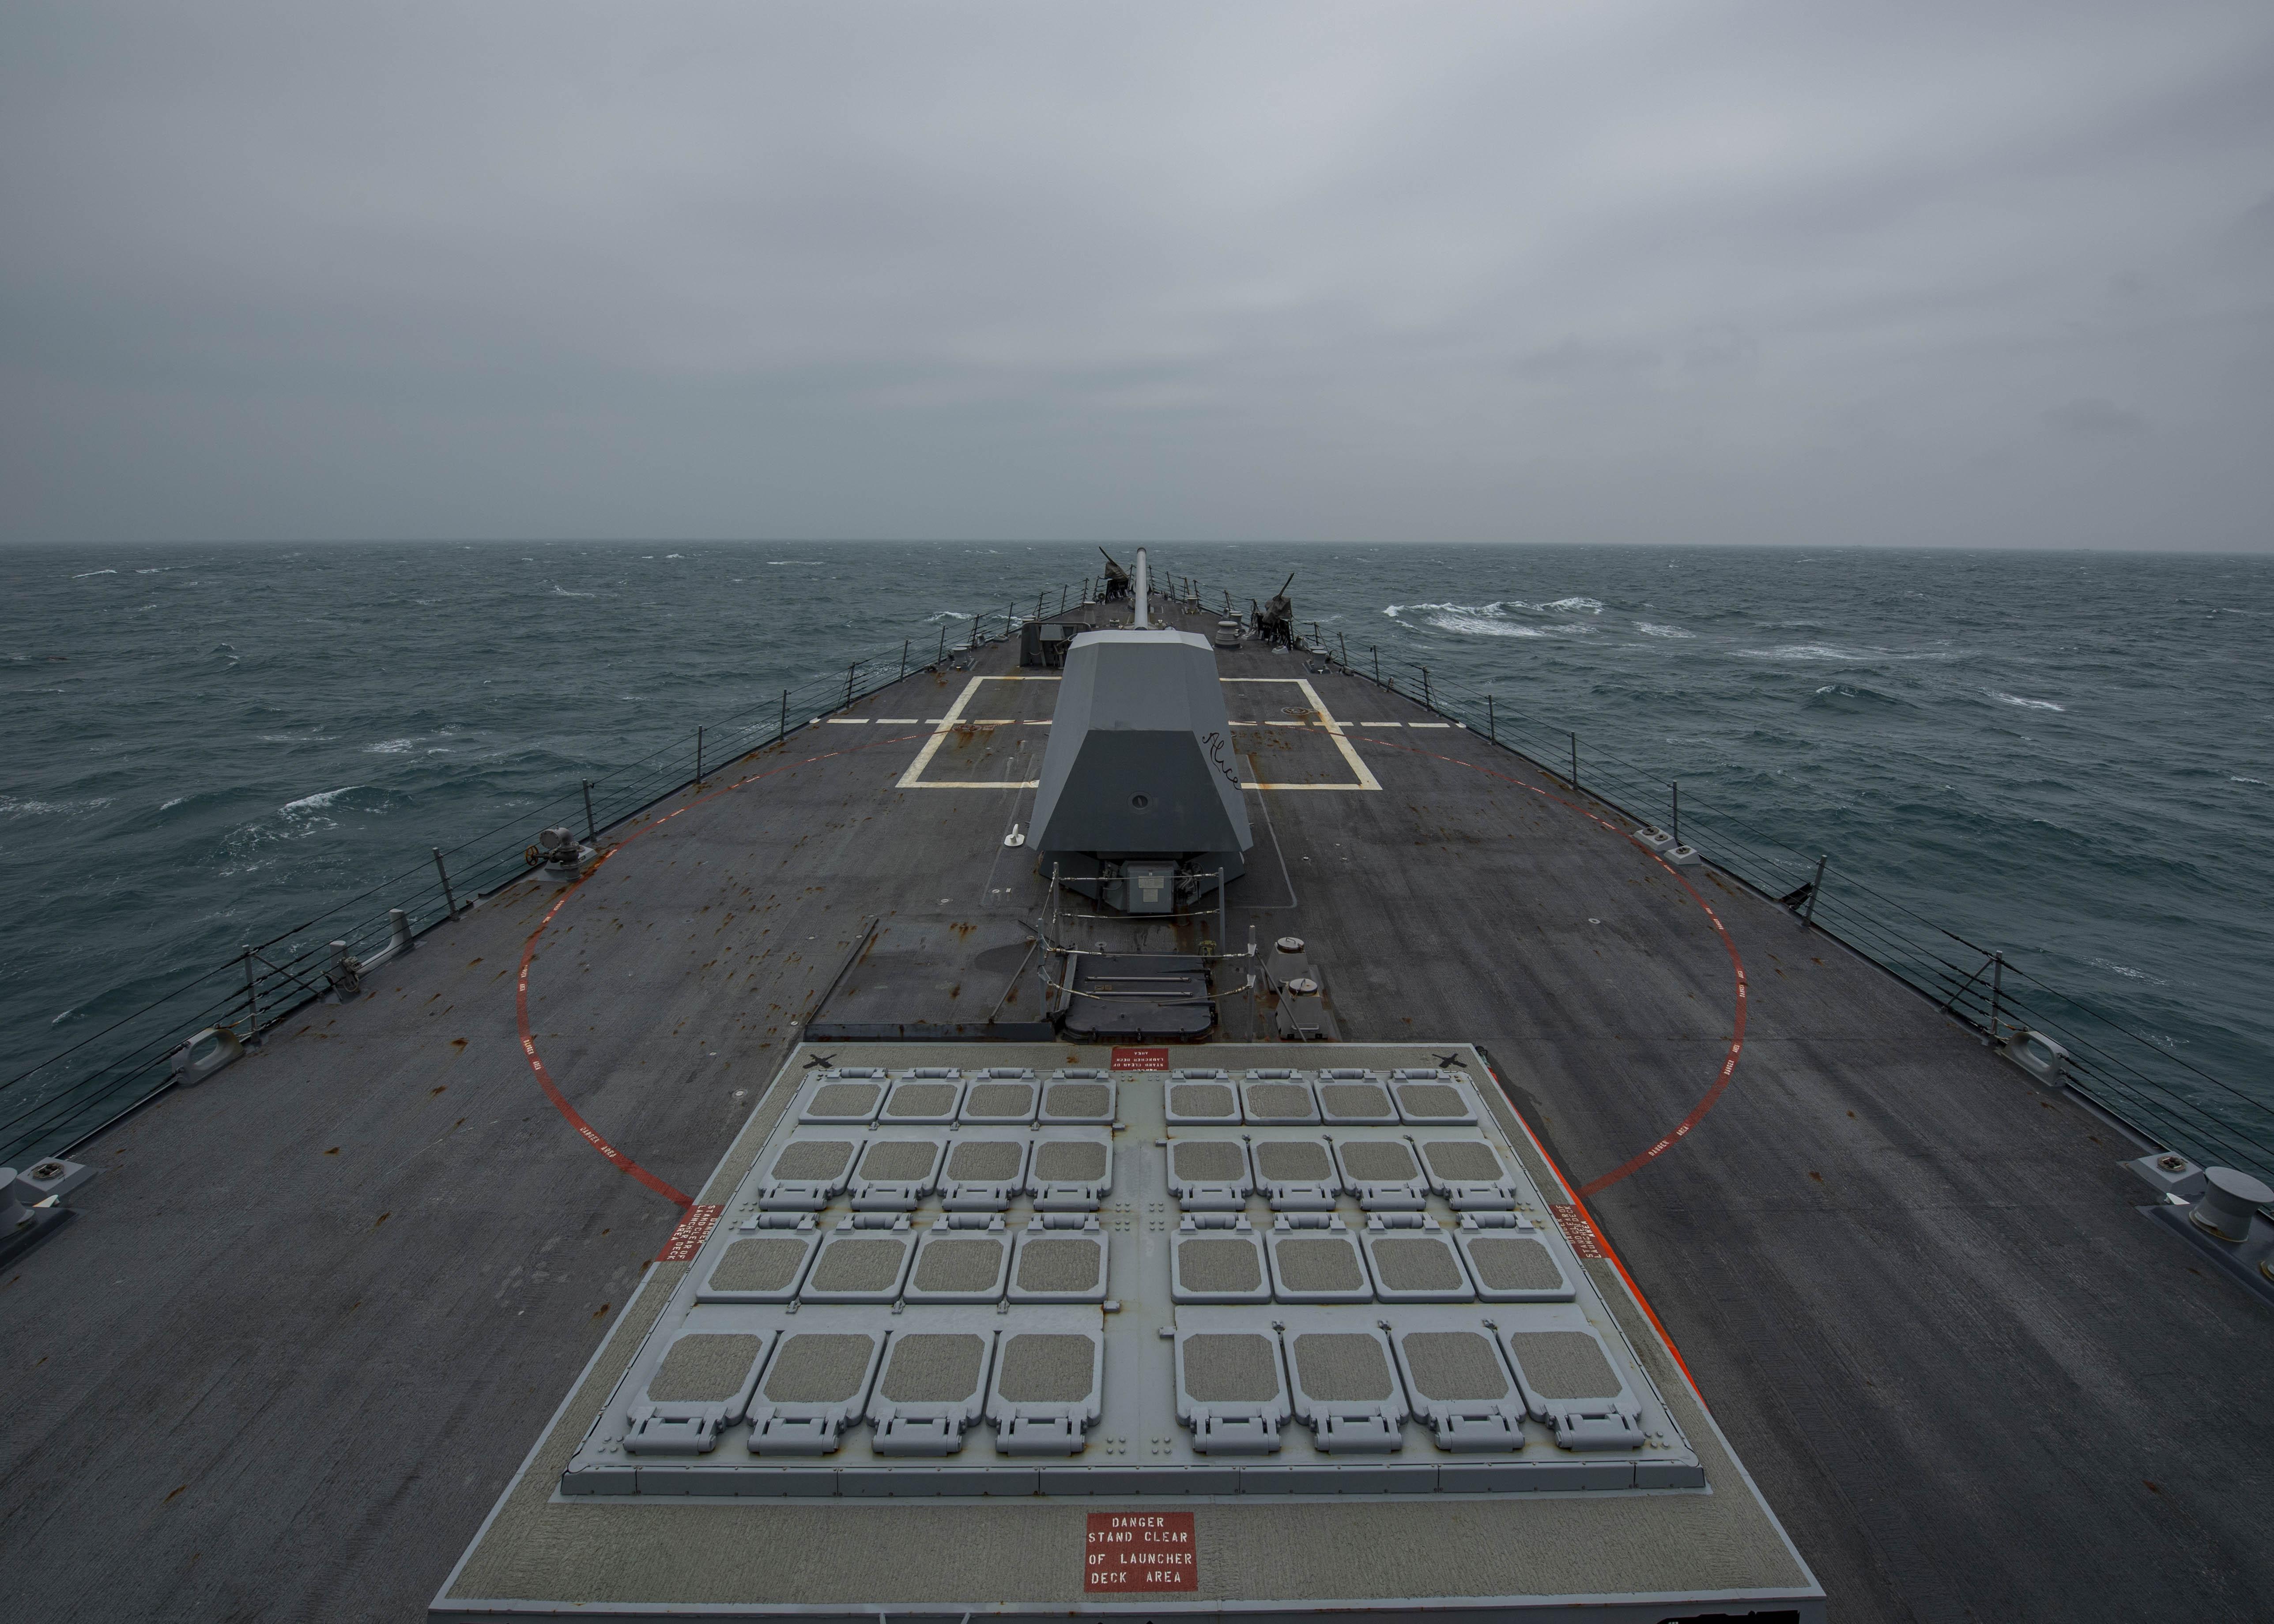 PLA monitors US warship in Taiwan Strait: spokesperson